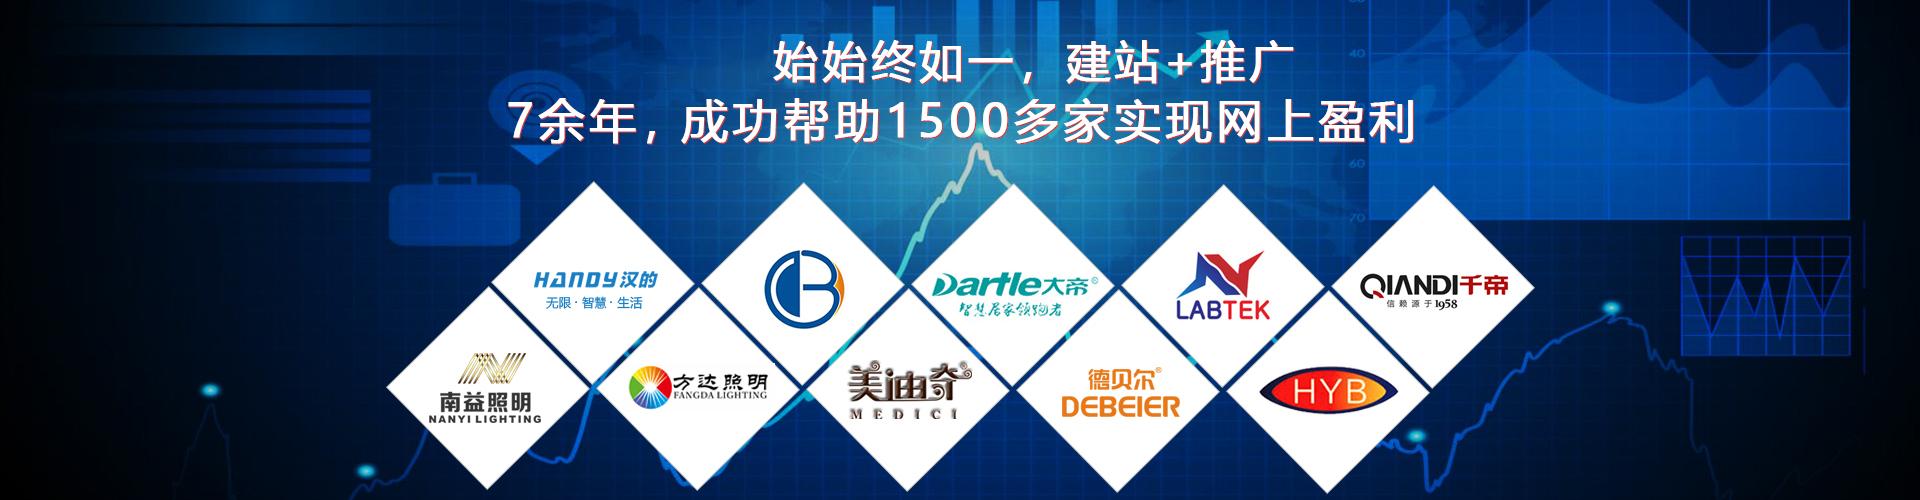 武汉营销网站建设